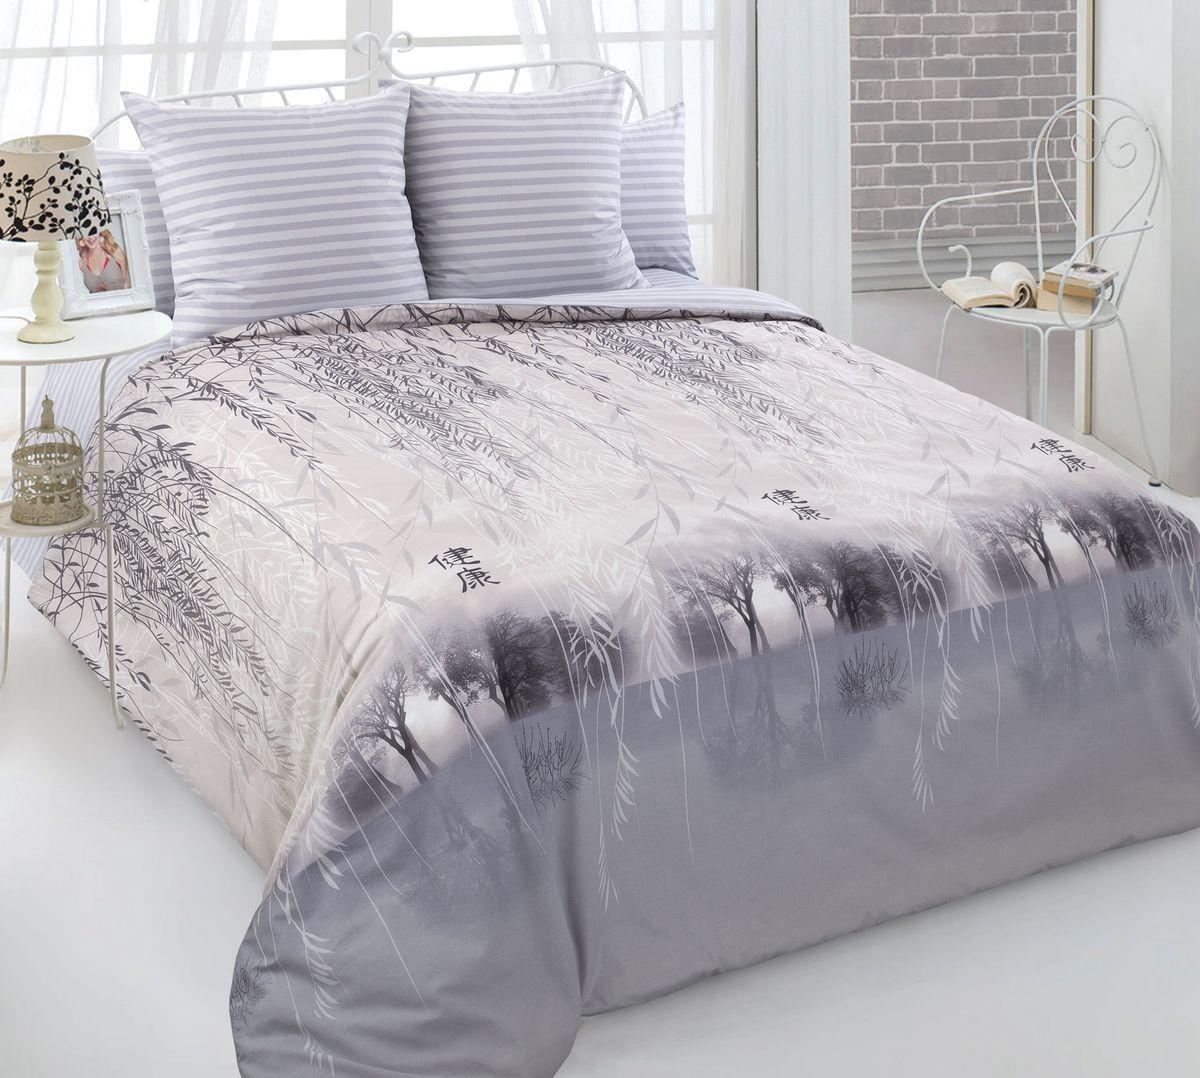 Комплект постельного белья 2-спальный с Евро простыней, перкаль (Умиротворение)